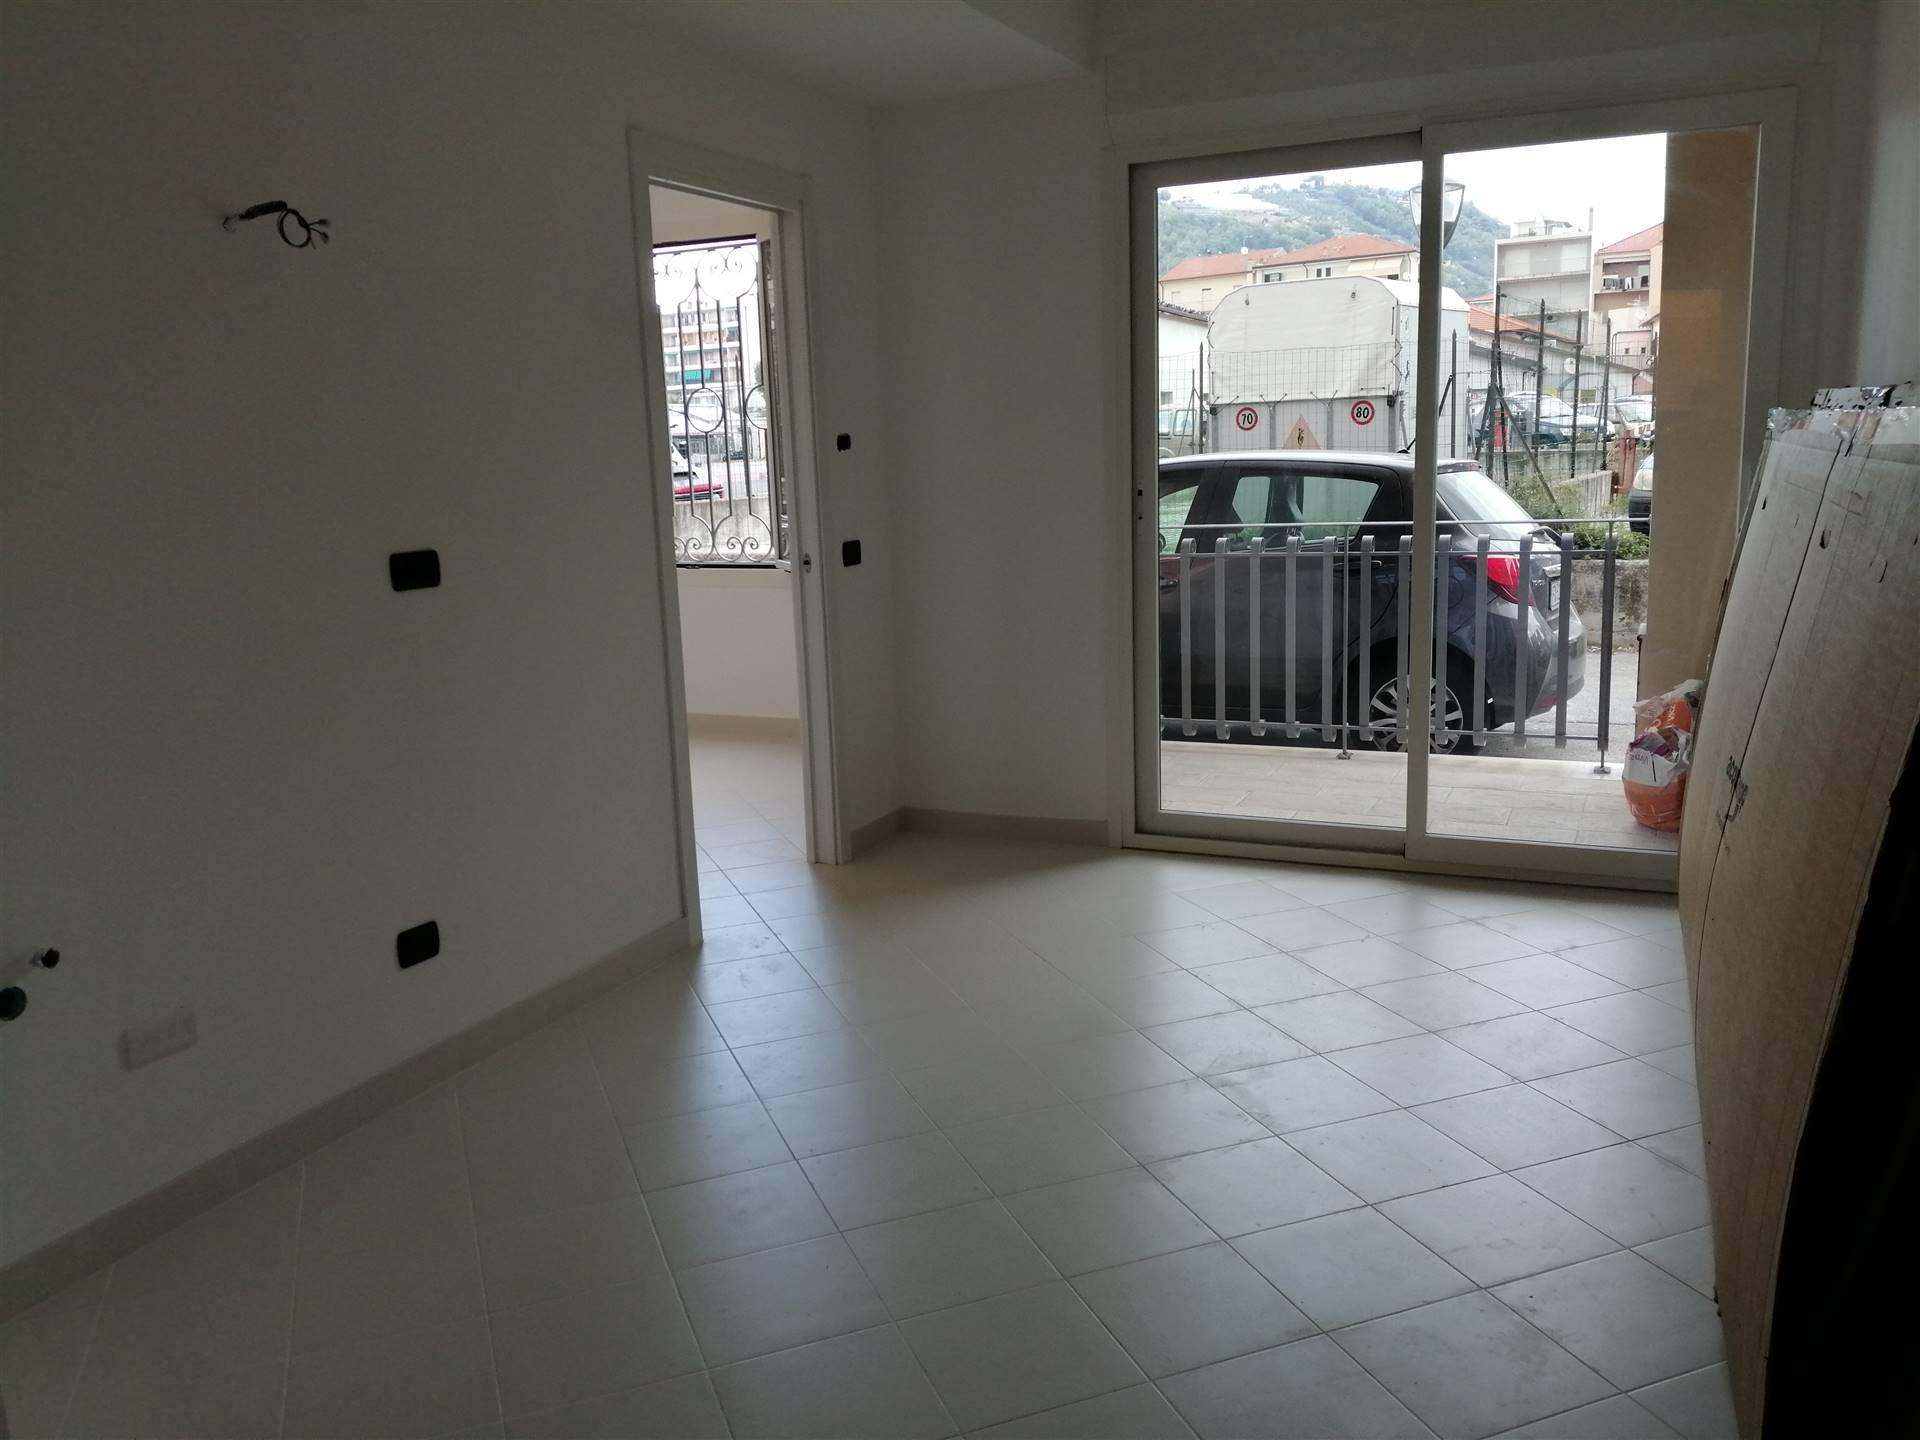 Appartamento in vendita a Vallecrosia, 2 locali, prezzo € 140.000 | PortaleAgenzieImmobiliari.it